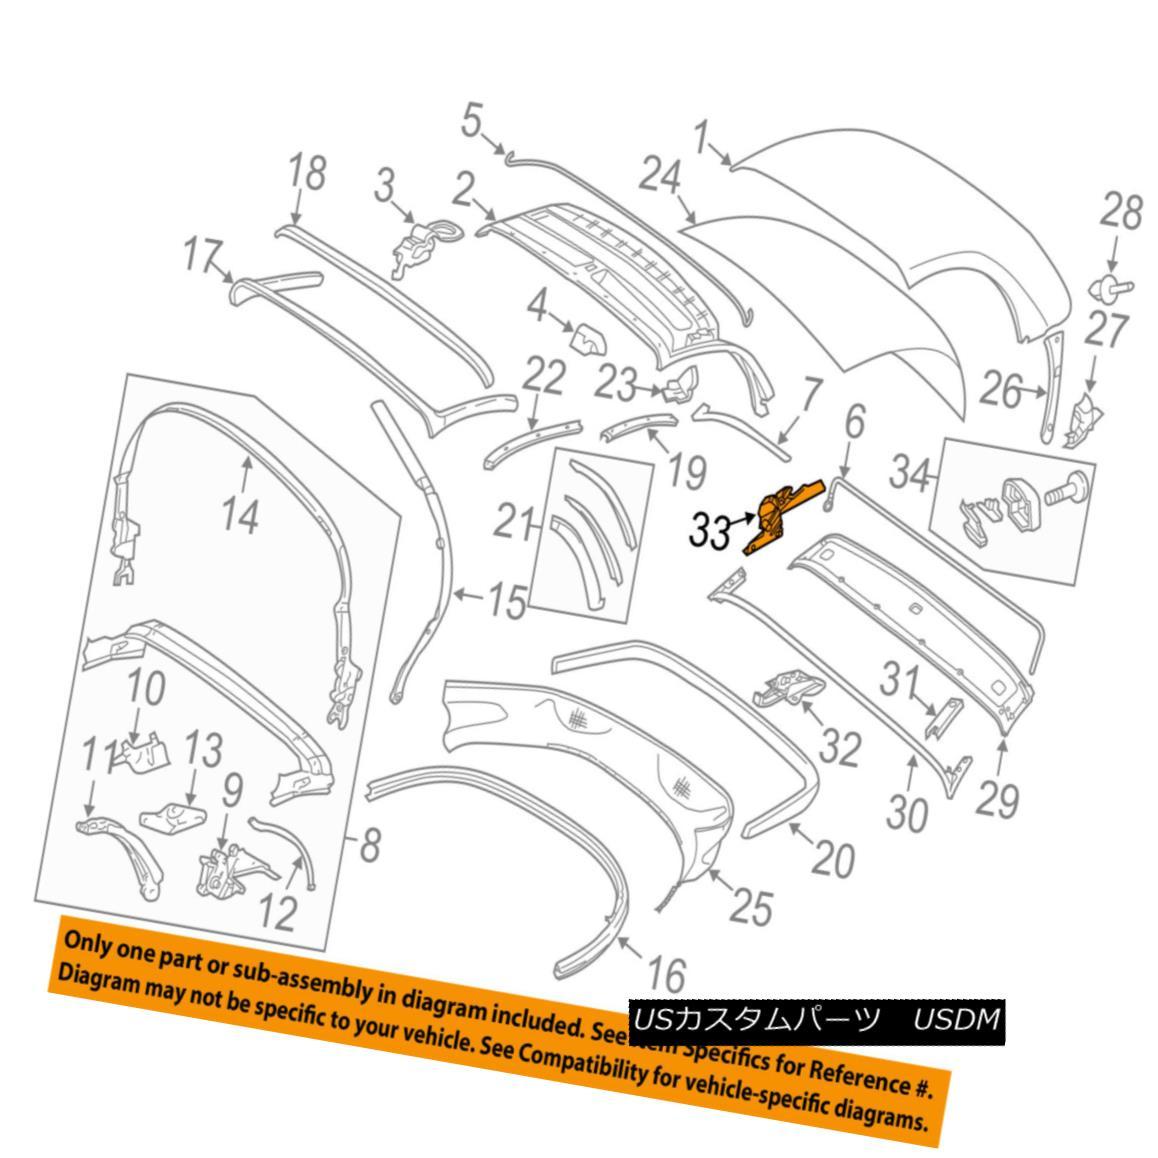 幌・ソフトトップ PORSCHE OEM 11-12 Boxster Convertible/soft Top-Tensioner 98758043100 PORSCHE OEM 11-12 Boxster Convertible / so ftトップテンショナー98758043100